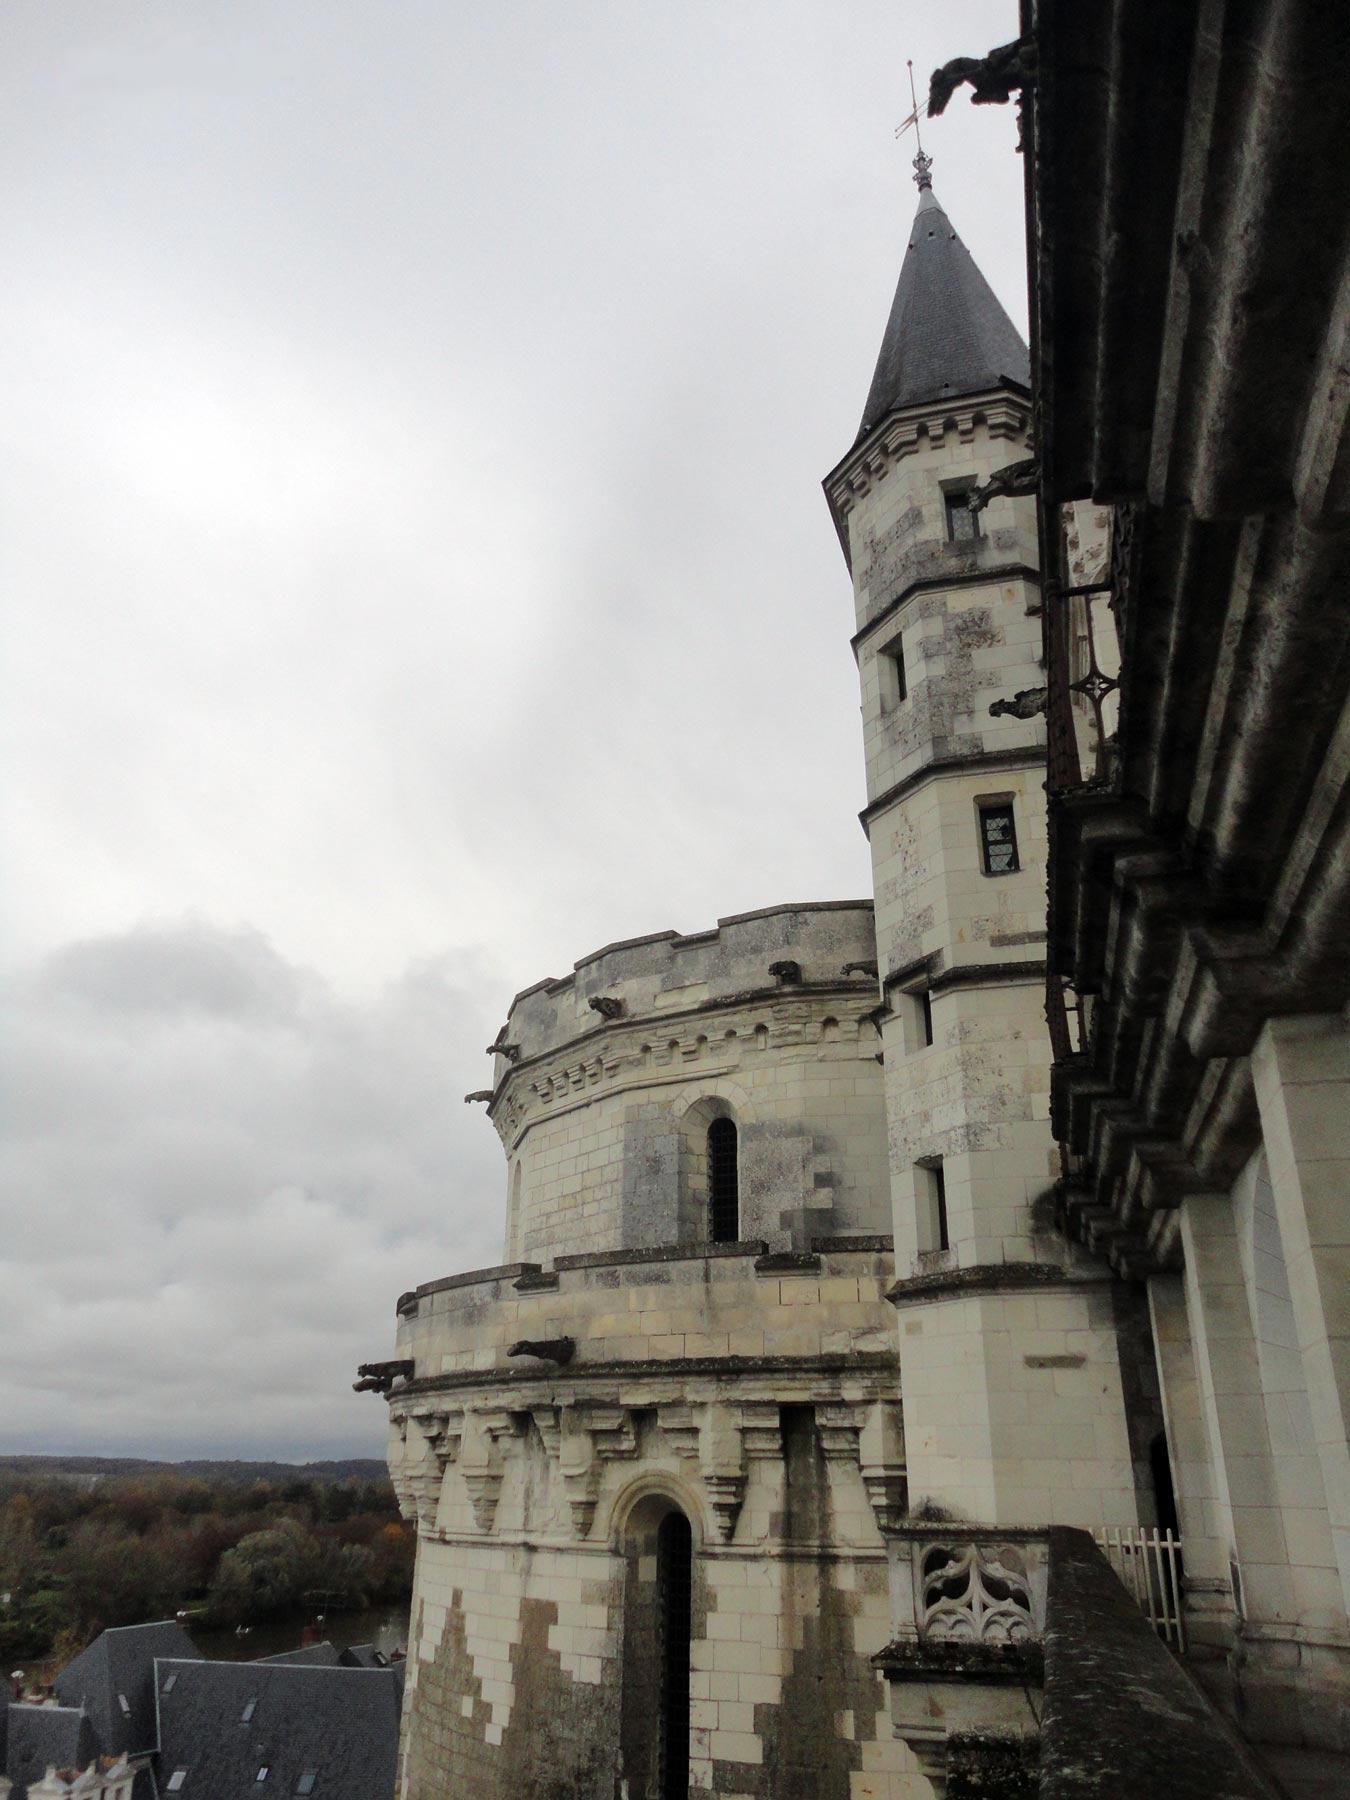 Замок Амбуаз фото минимской башни